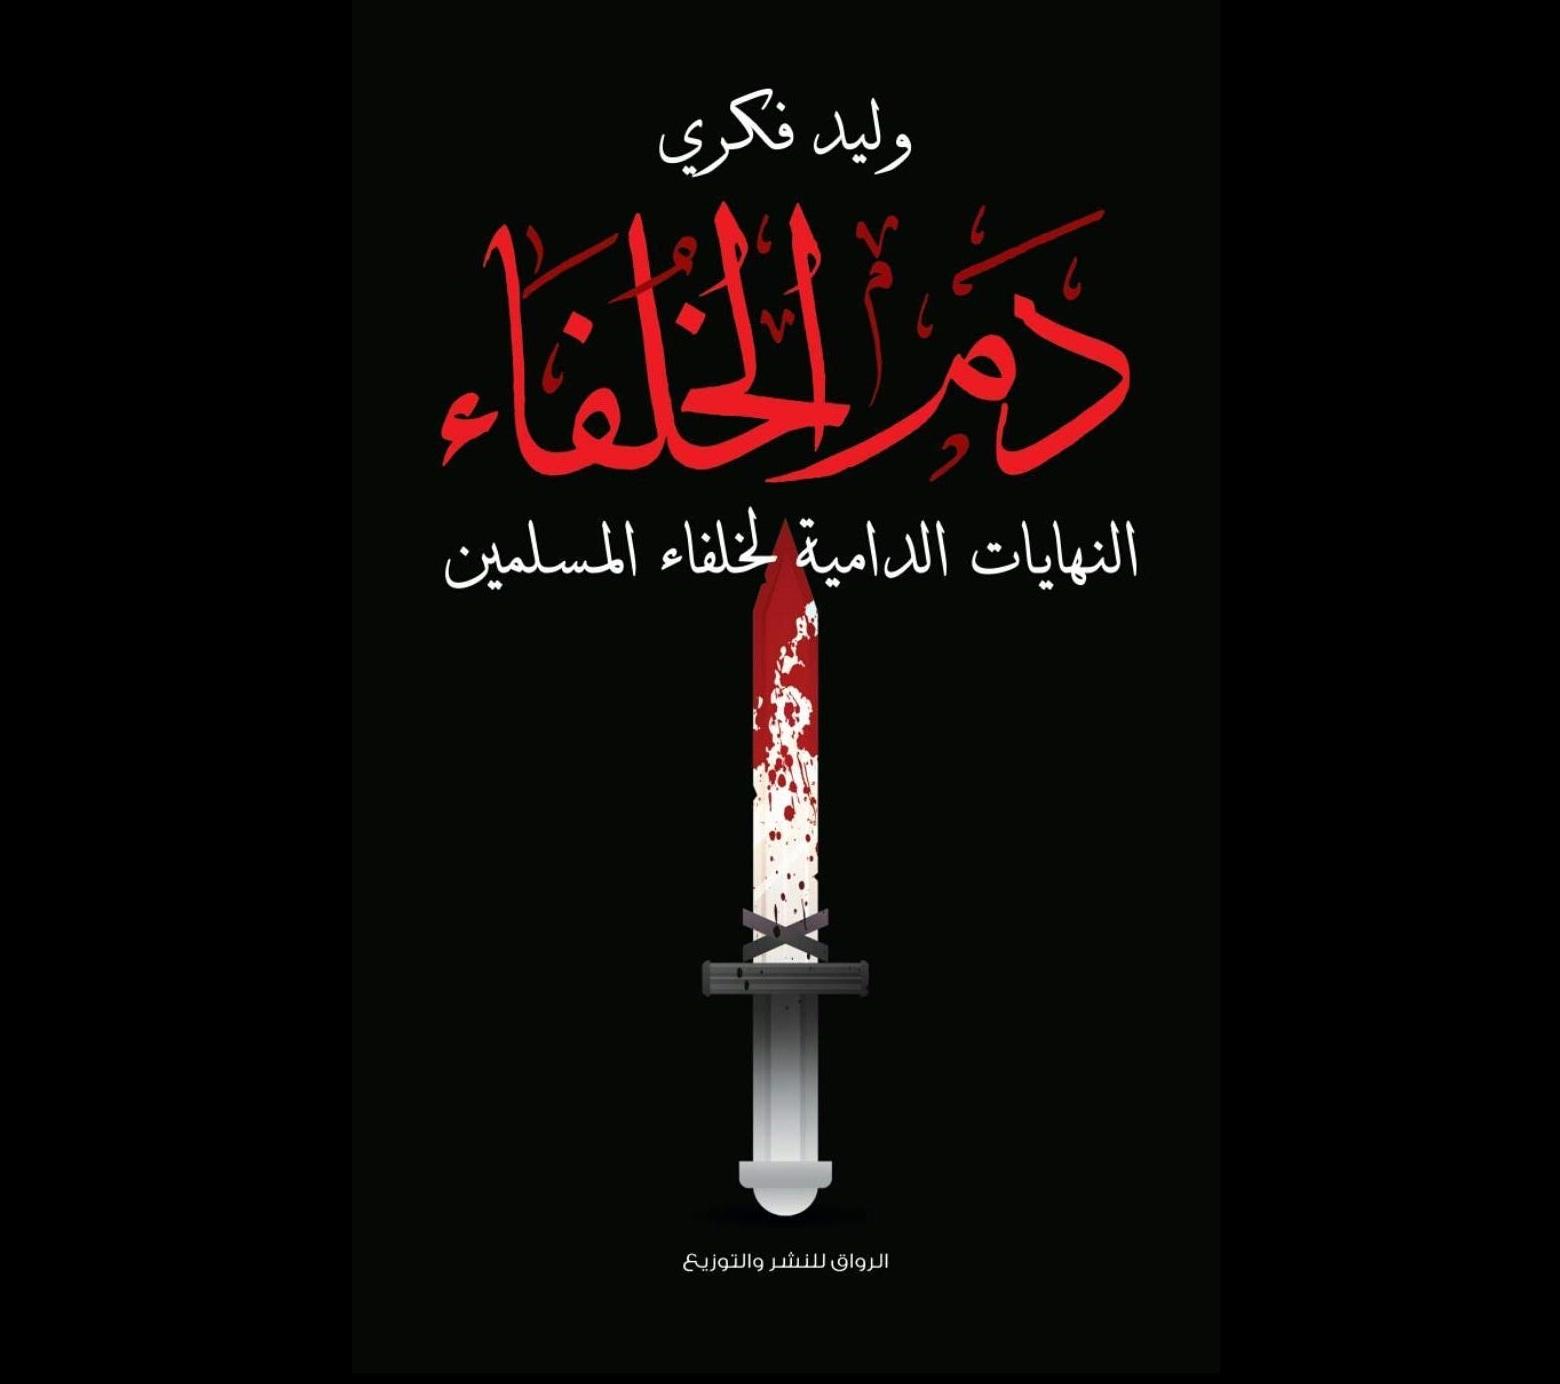 دم الخلفاء النهايات الدامية لخلفاء المسلمين - وليد فكري